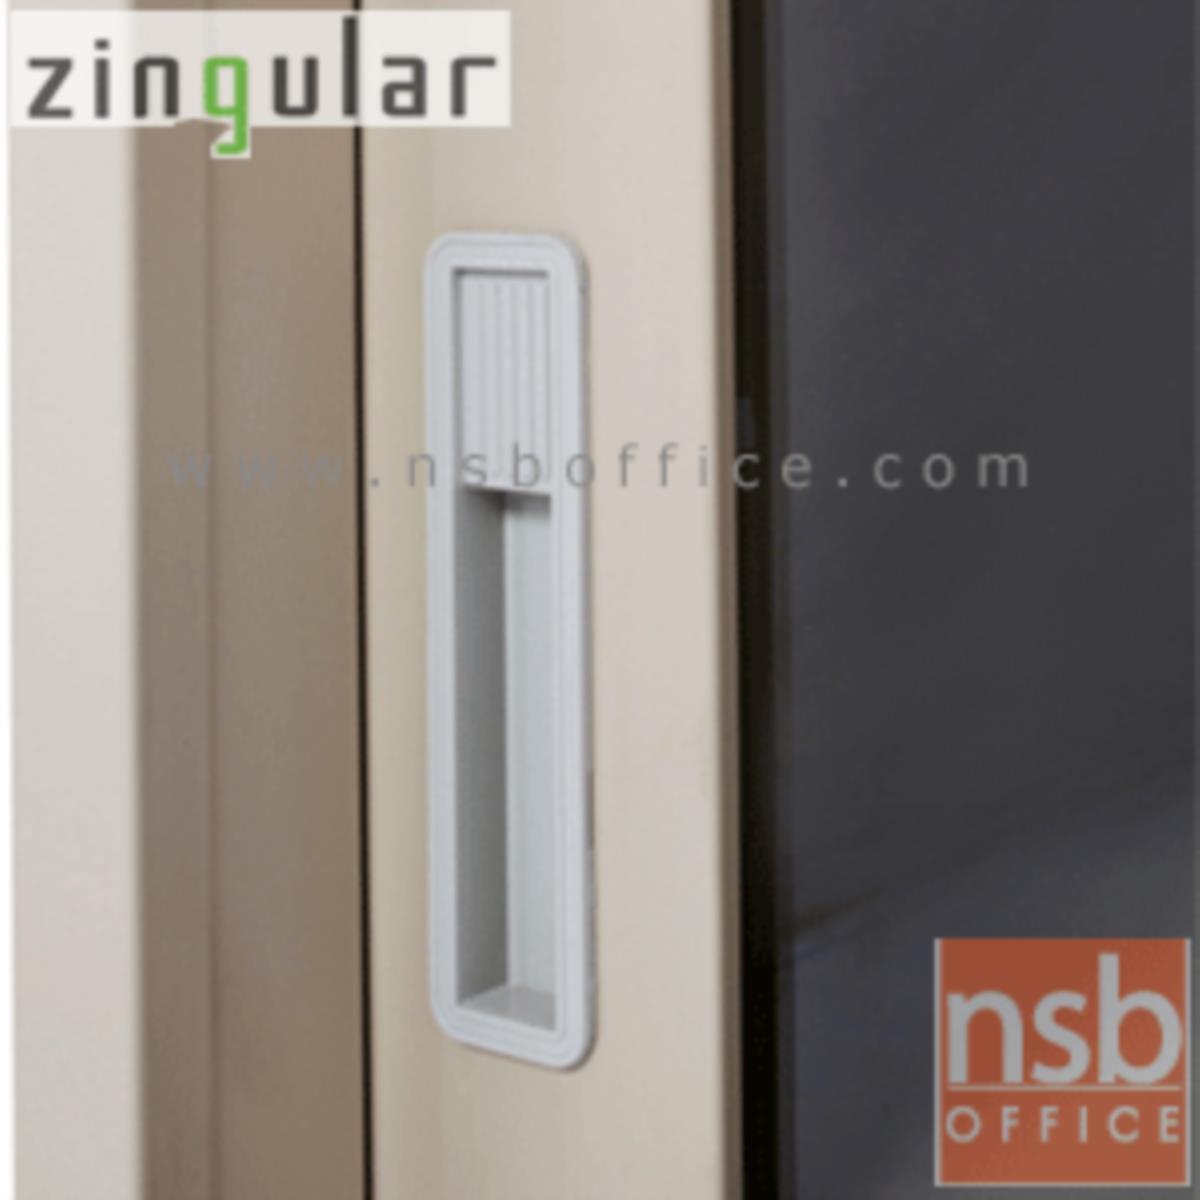 ตู้เหล็กบานเลื่อนกระจกสูง 185 ซม. รุ่น ZINGULAR-ZDG-1886 มี 3 แผ่นชั้น